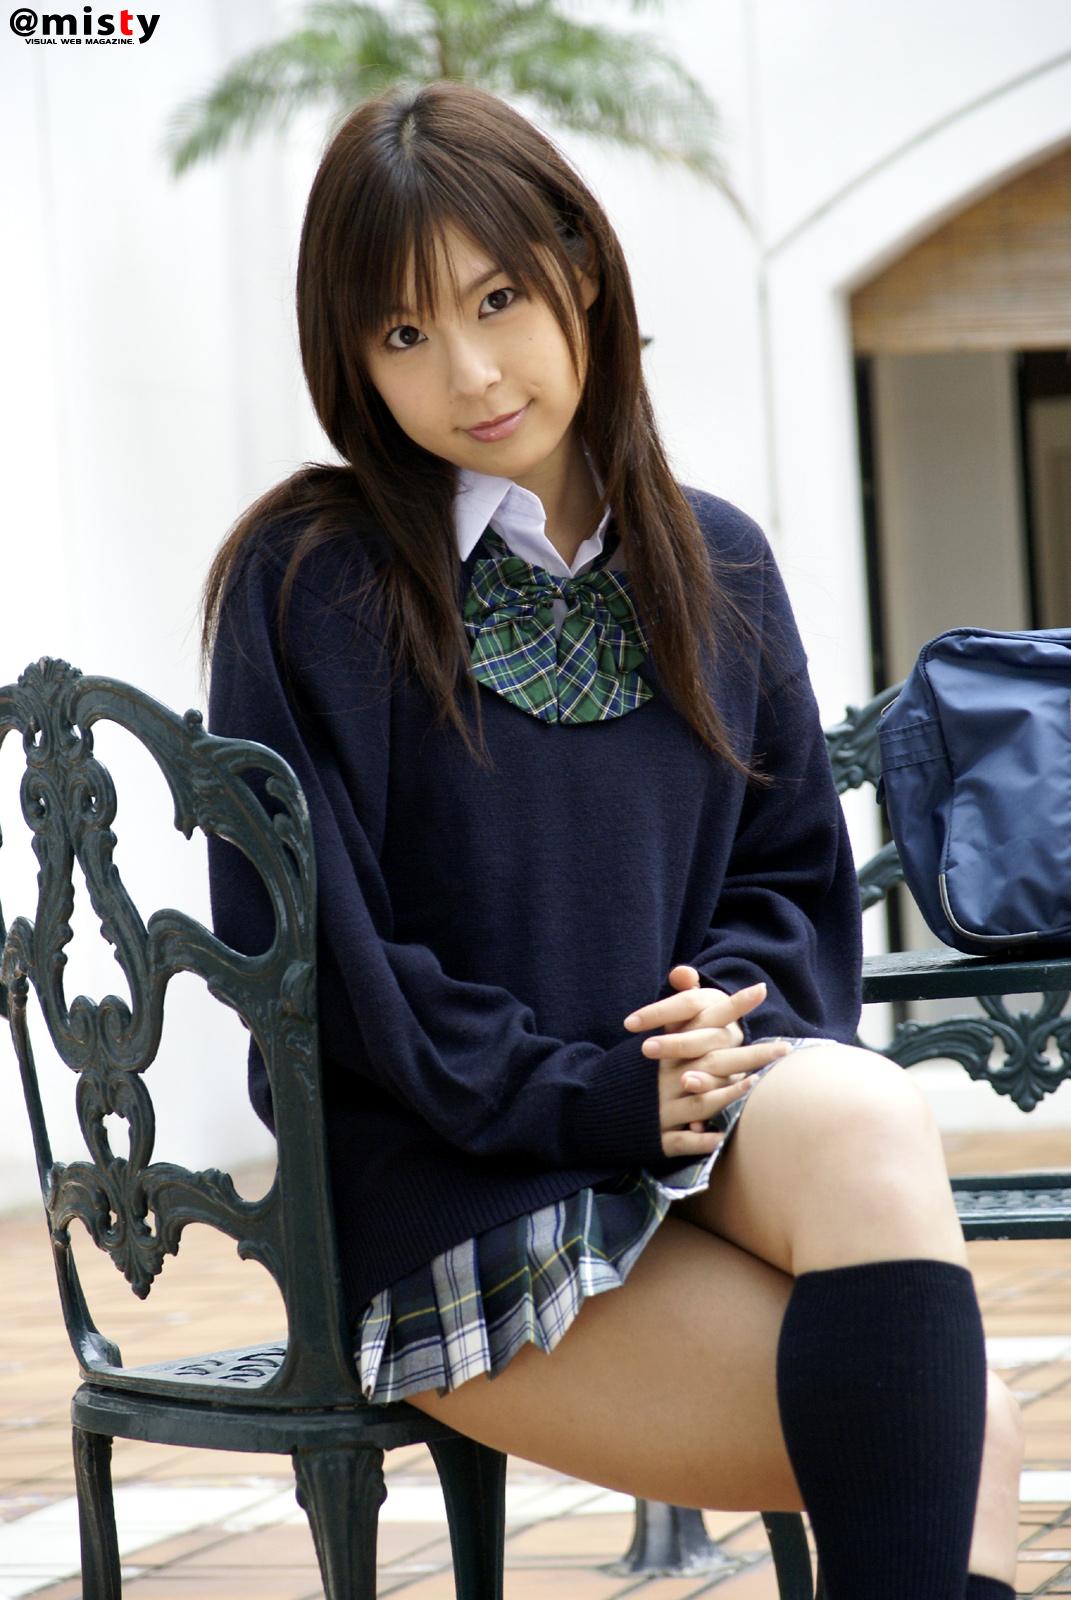 SanoKjiji sexy: Tokyo teen posing in school uniform